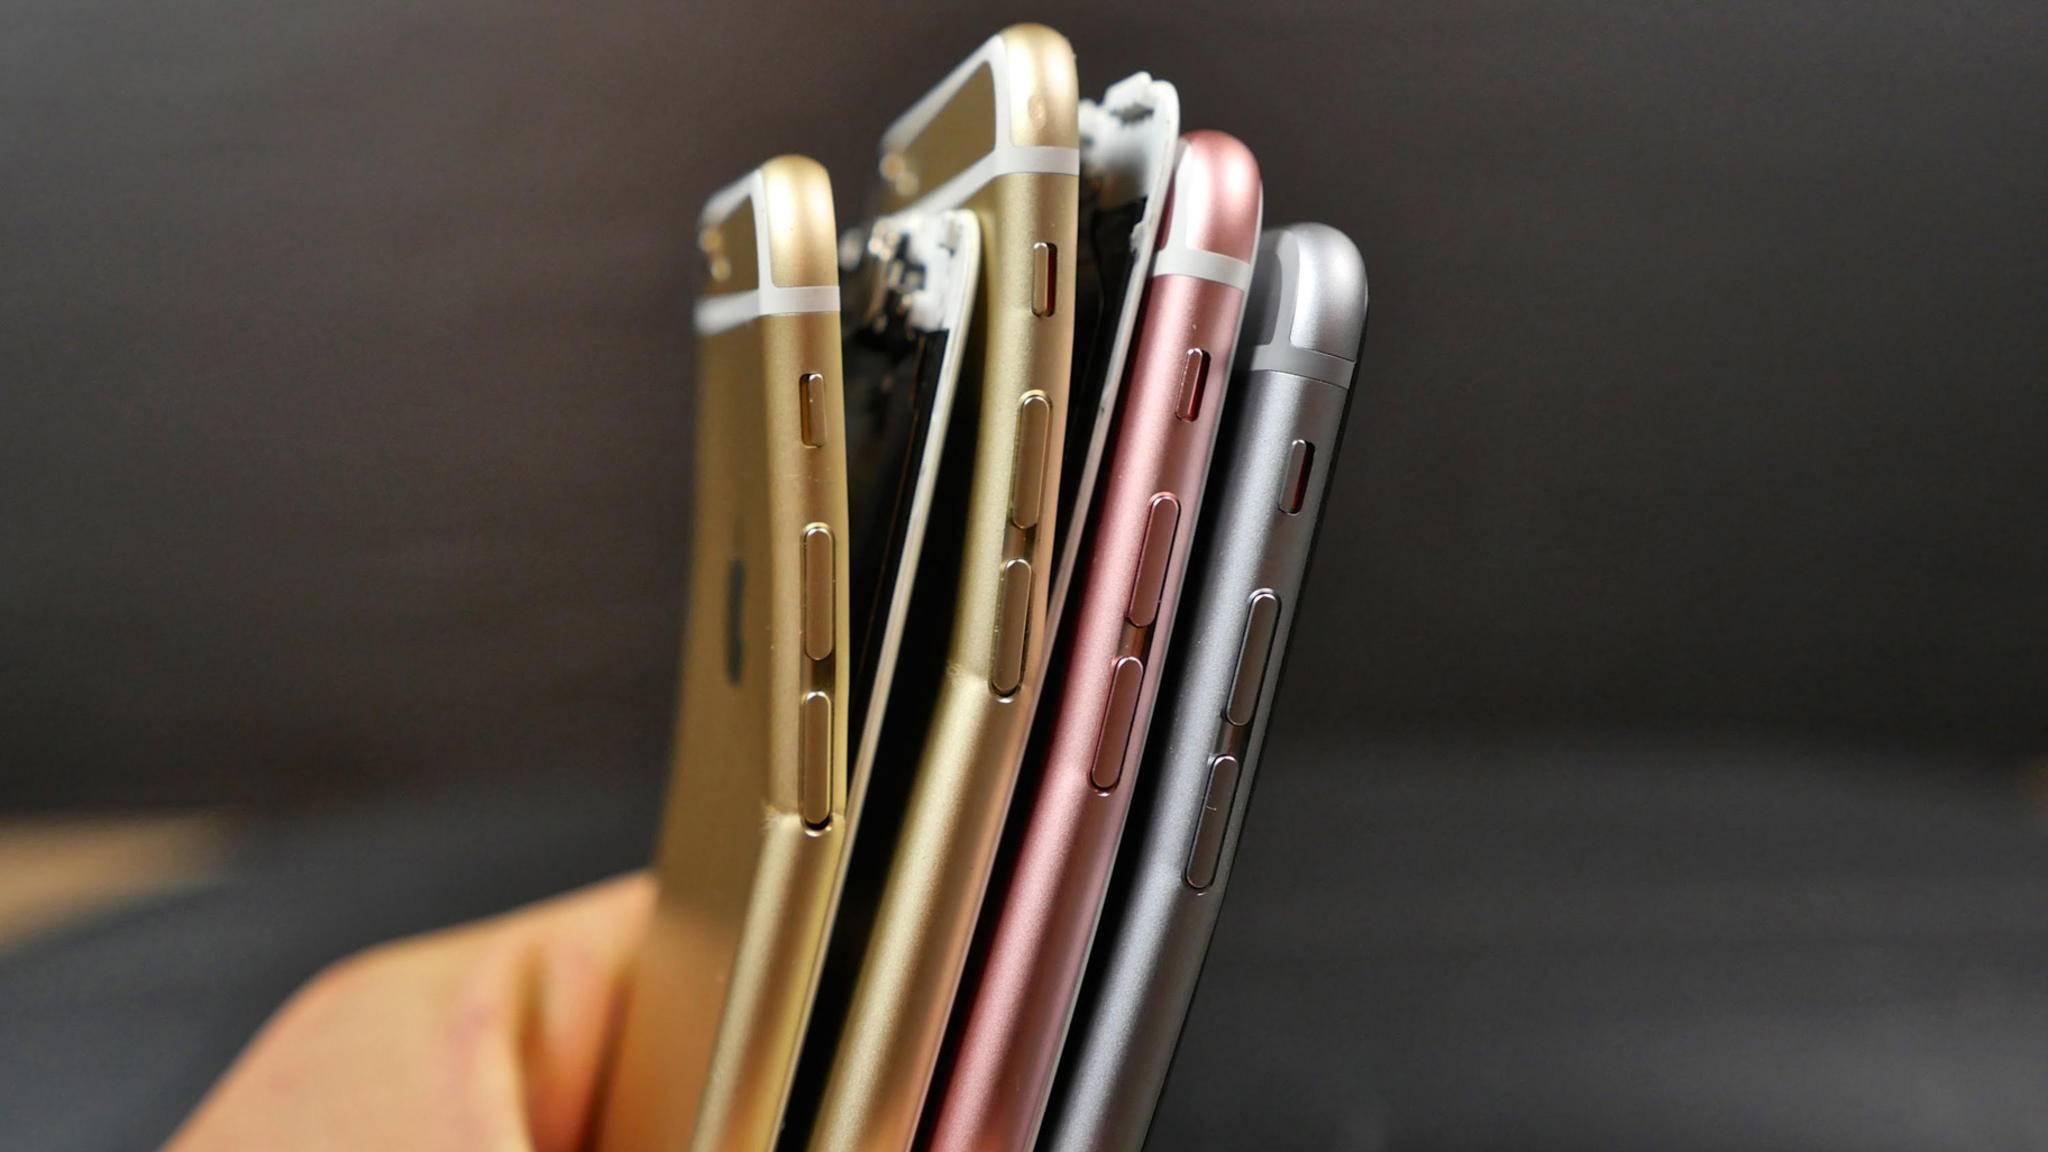 Dass das iPhone 6 leicht biegt, ahnte Apple eigentlich schon vorher.